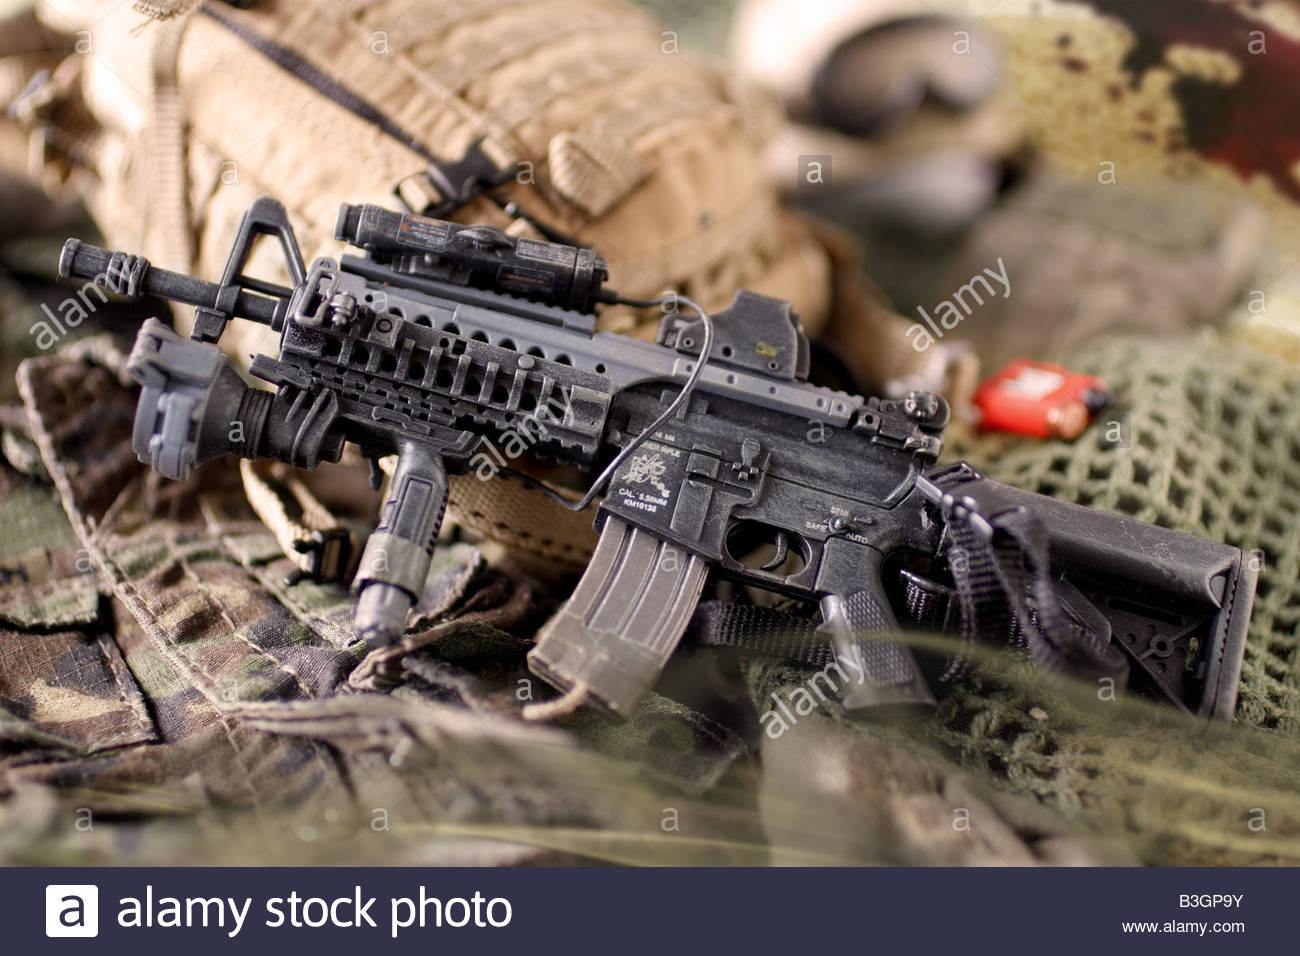 m4-rifle-de-assult-ejercito-usa-isis-atentados-terroristas-b3gp9y.jpg